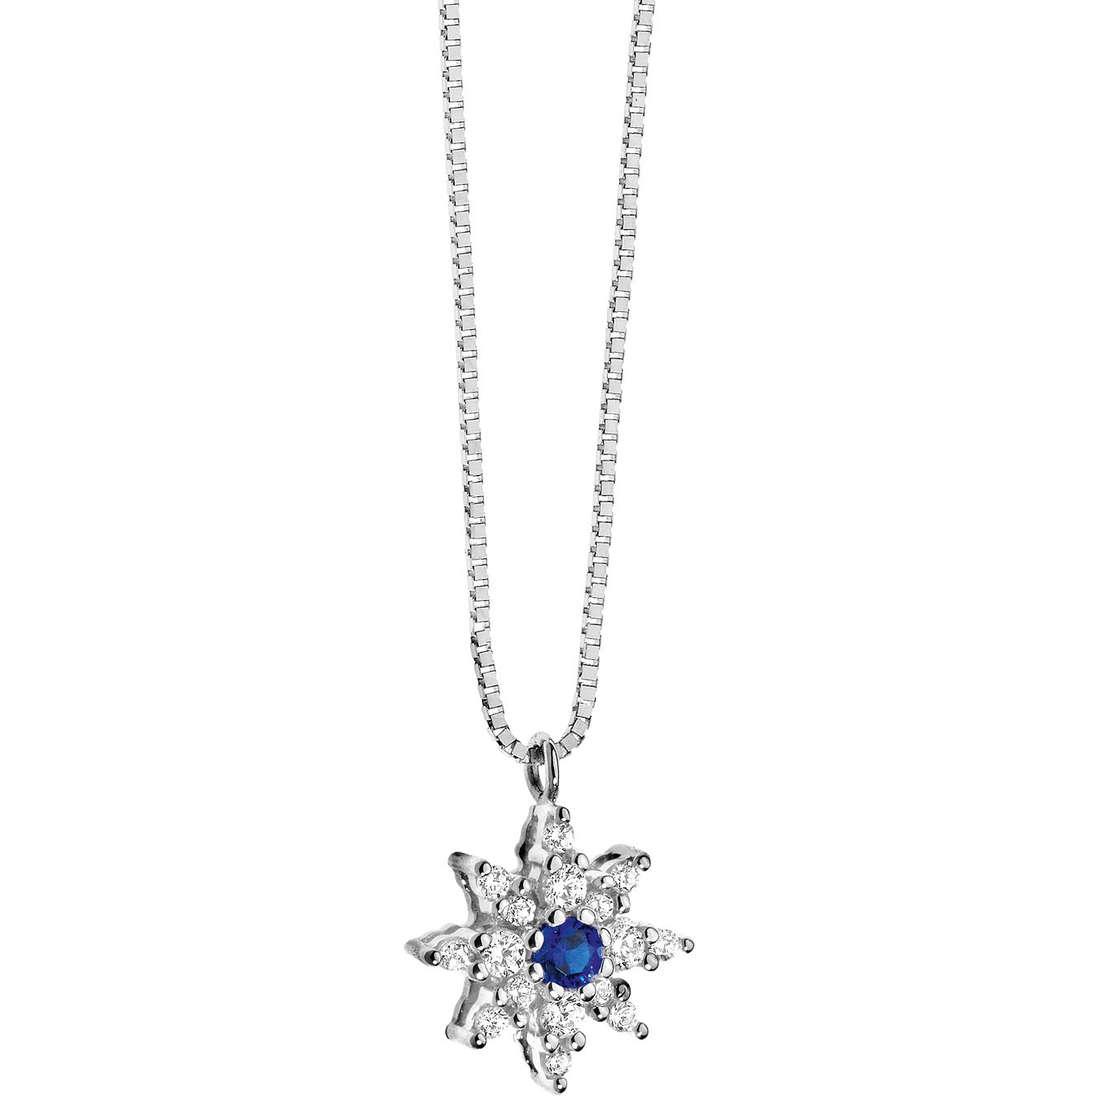 collana donna gioielli Comete Pietre preziose colorate GLB 779